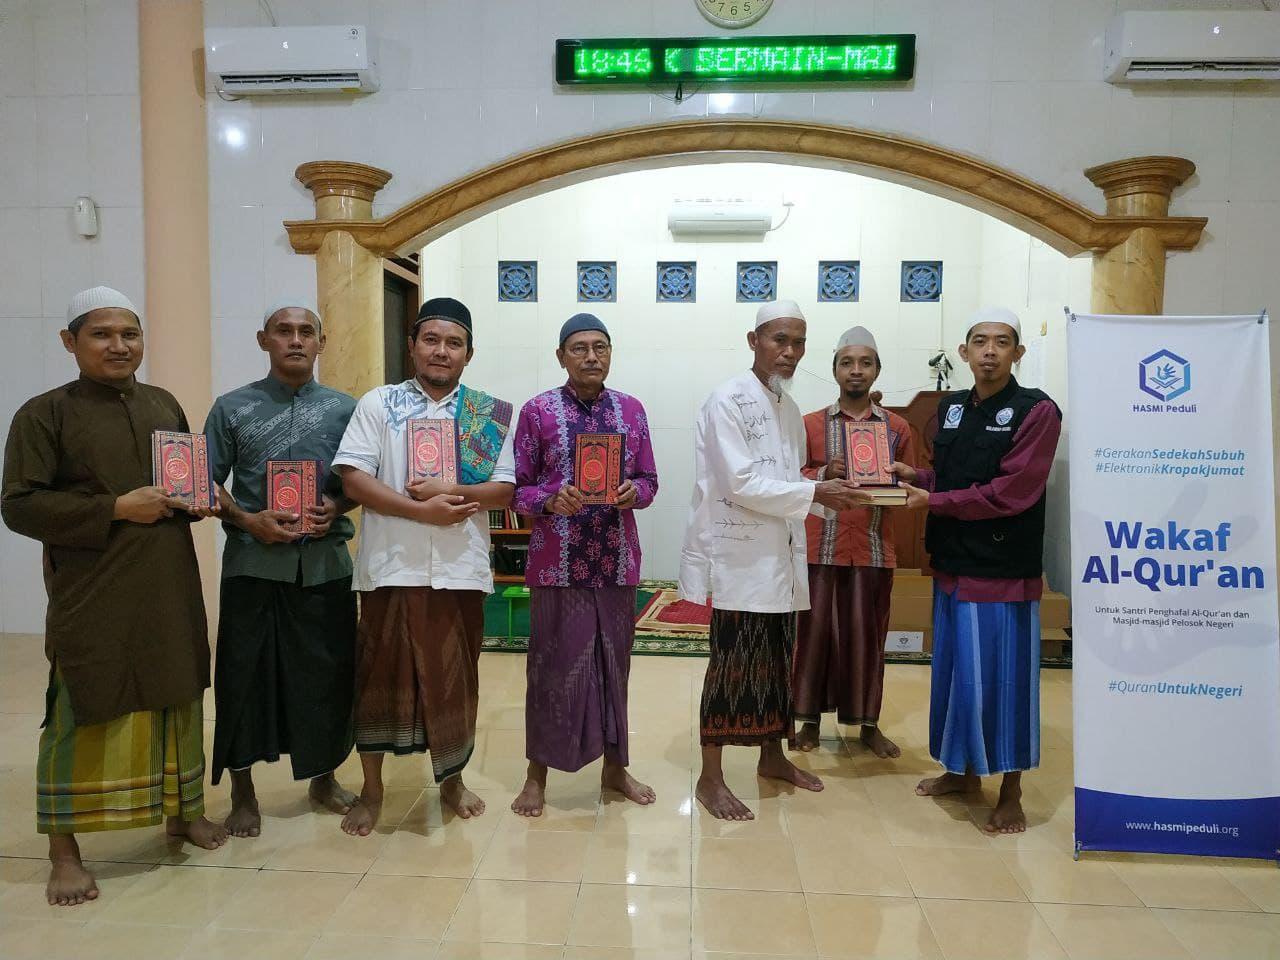 Wakaf Al-Quran untuk Takmir Masjid Ar-Rohmah Surabaya